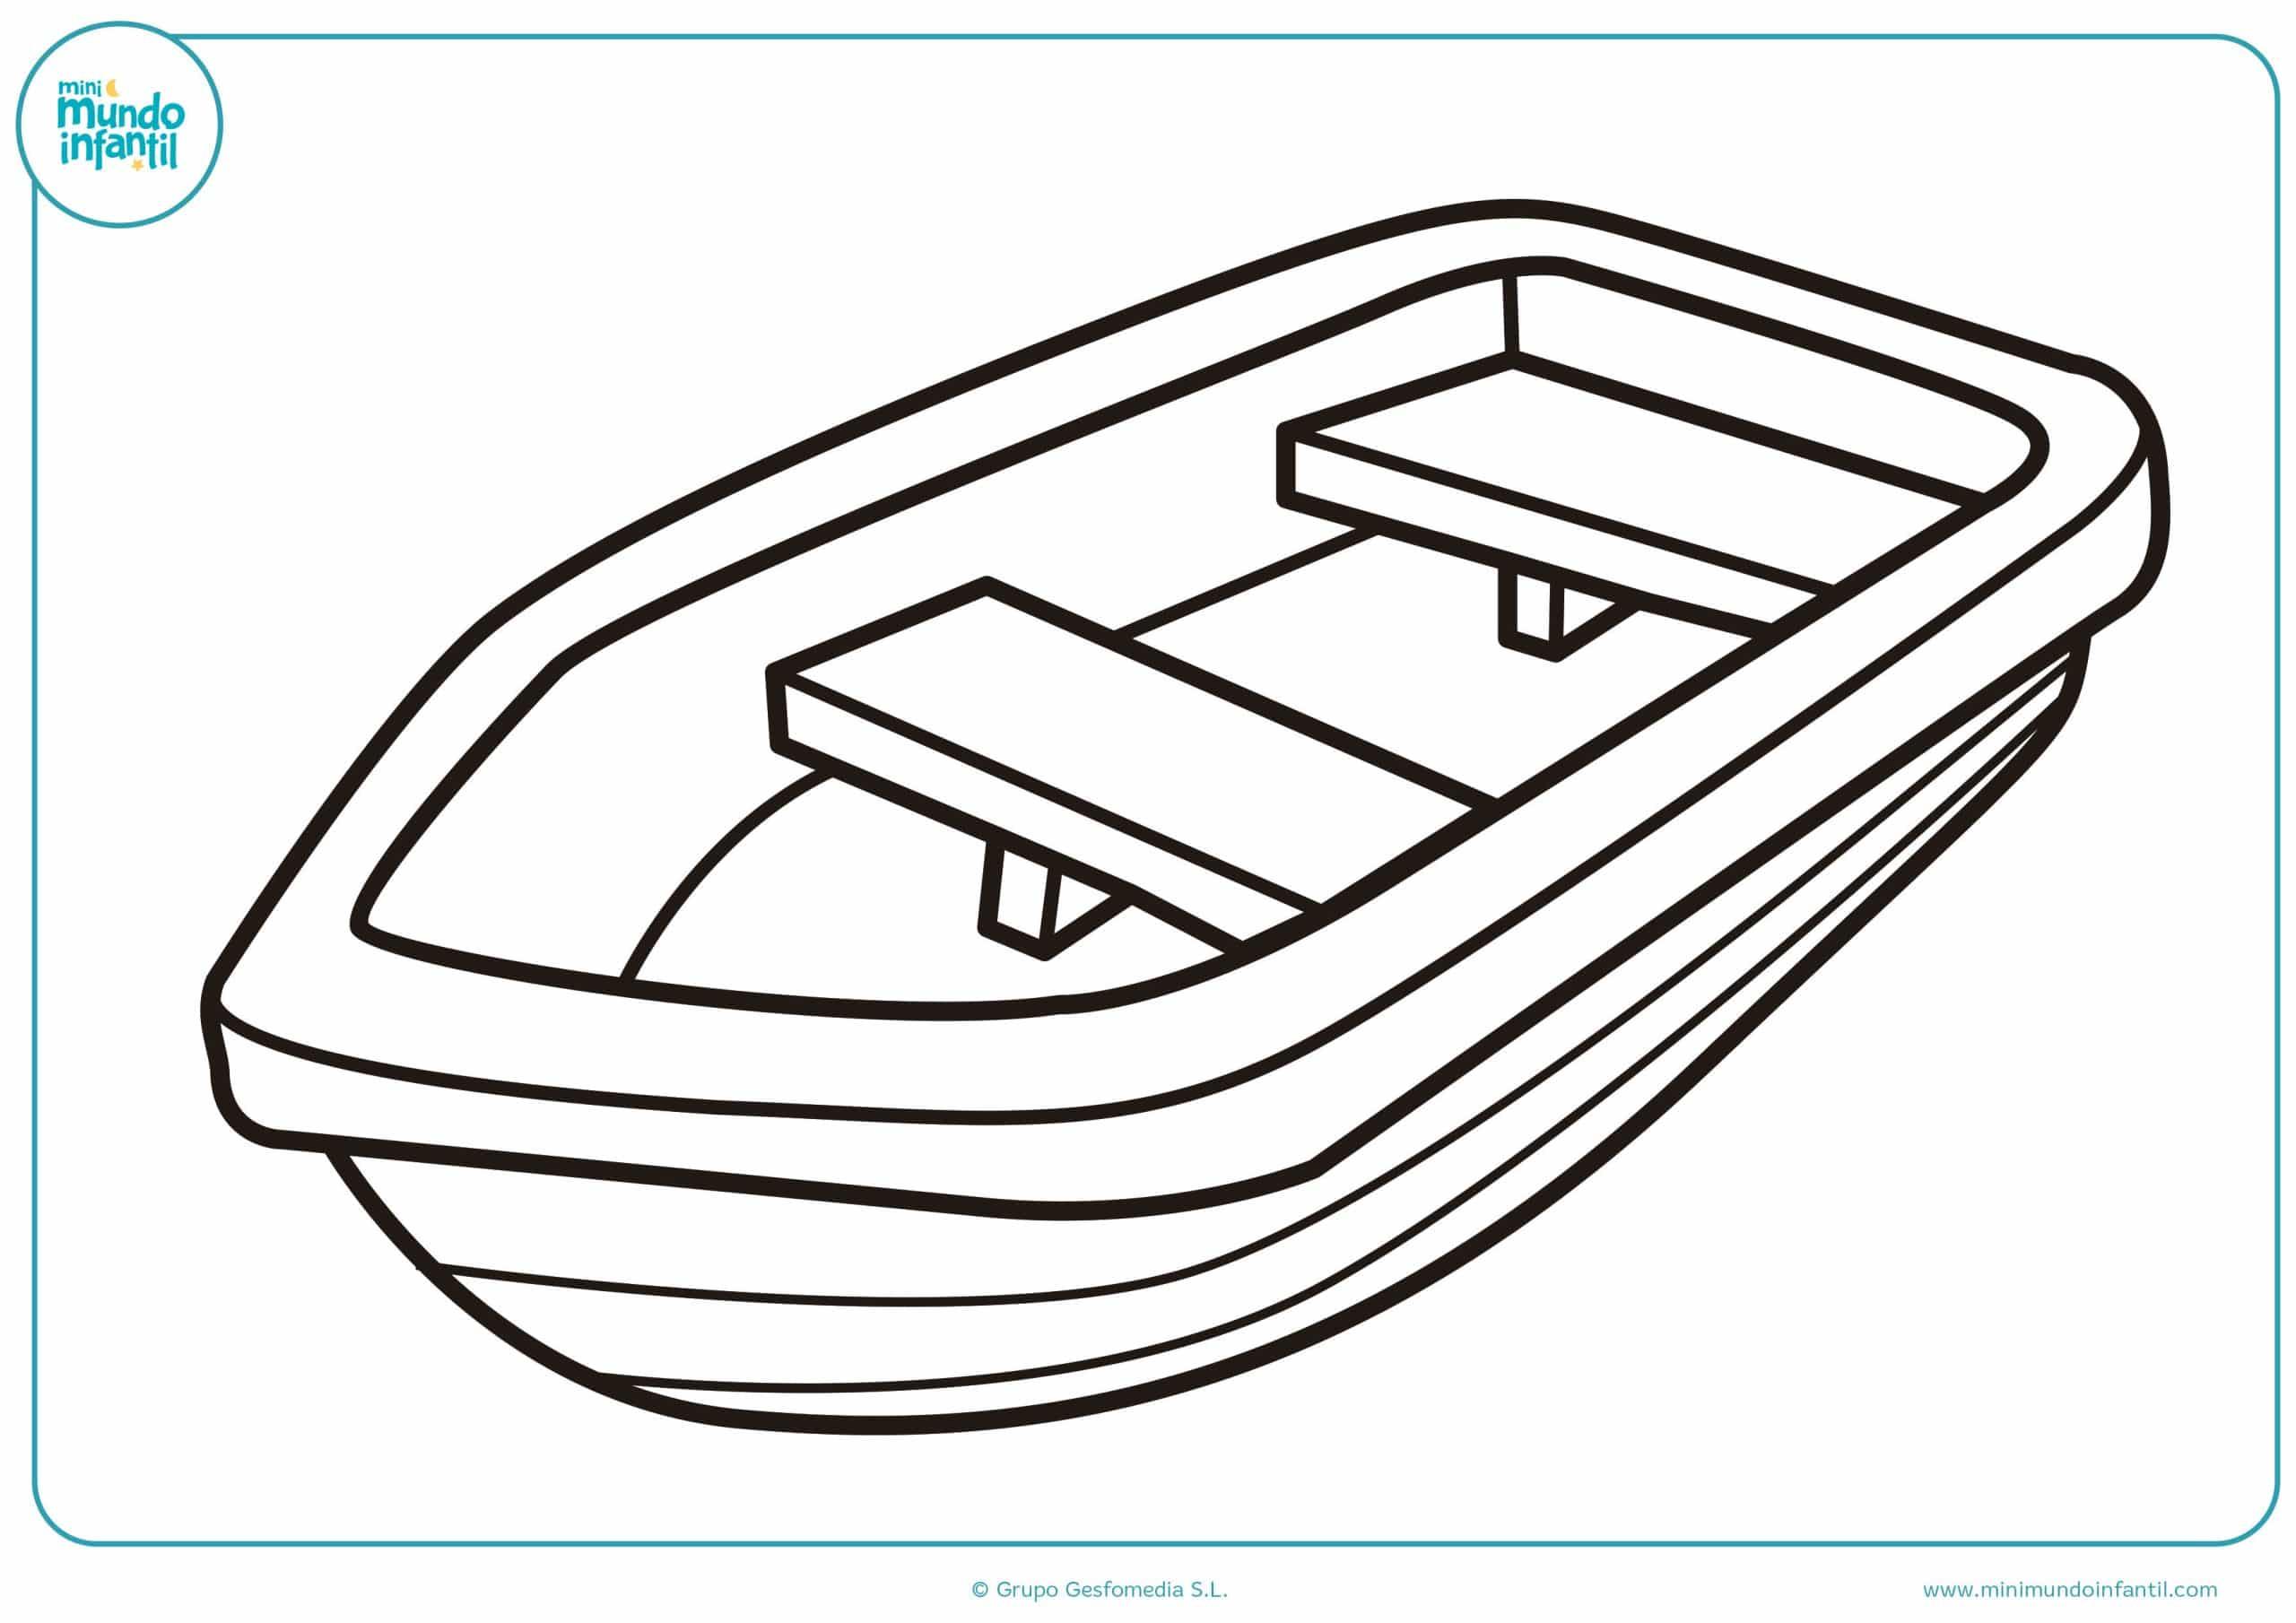 Dibujos de barcos para colorear - Mundo Primaria